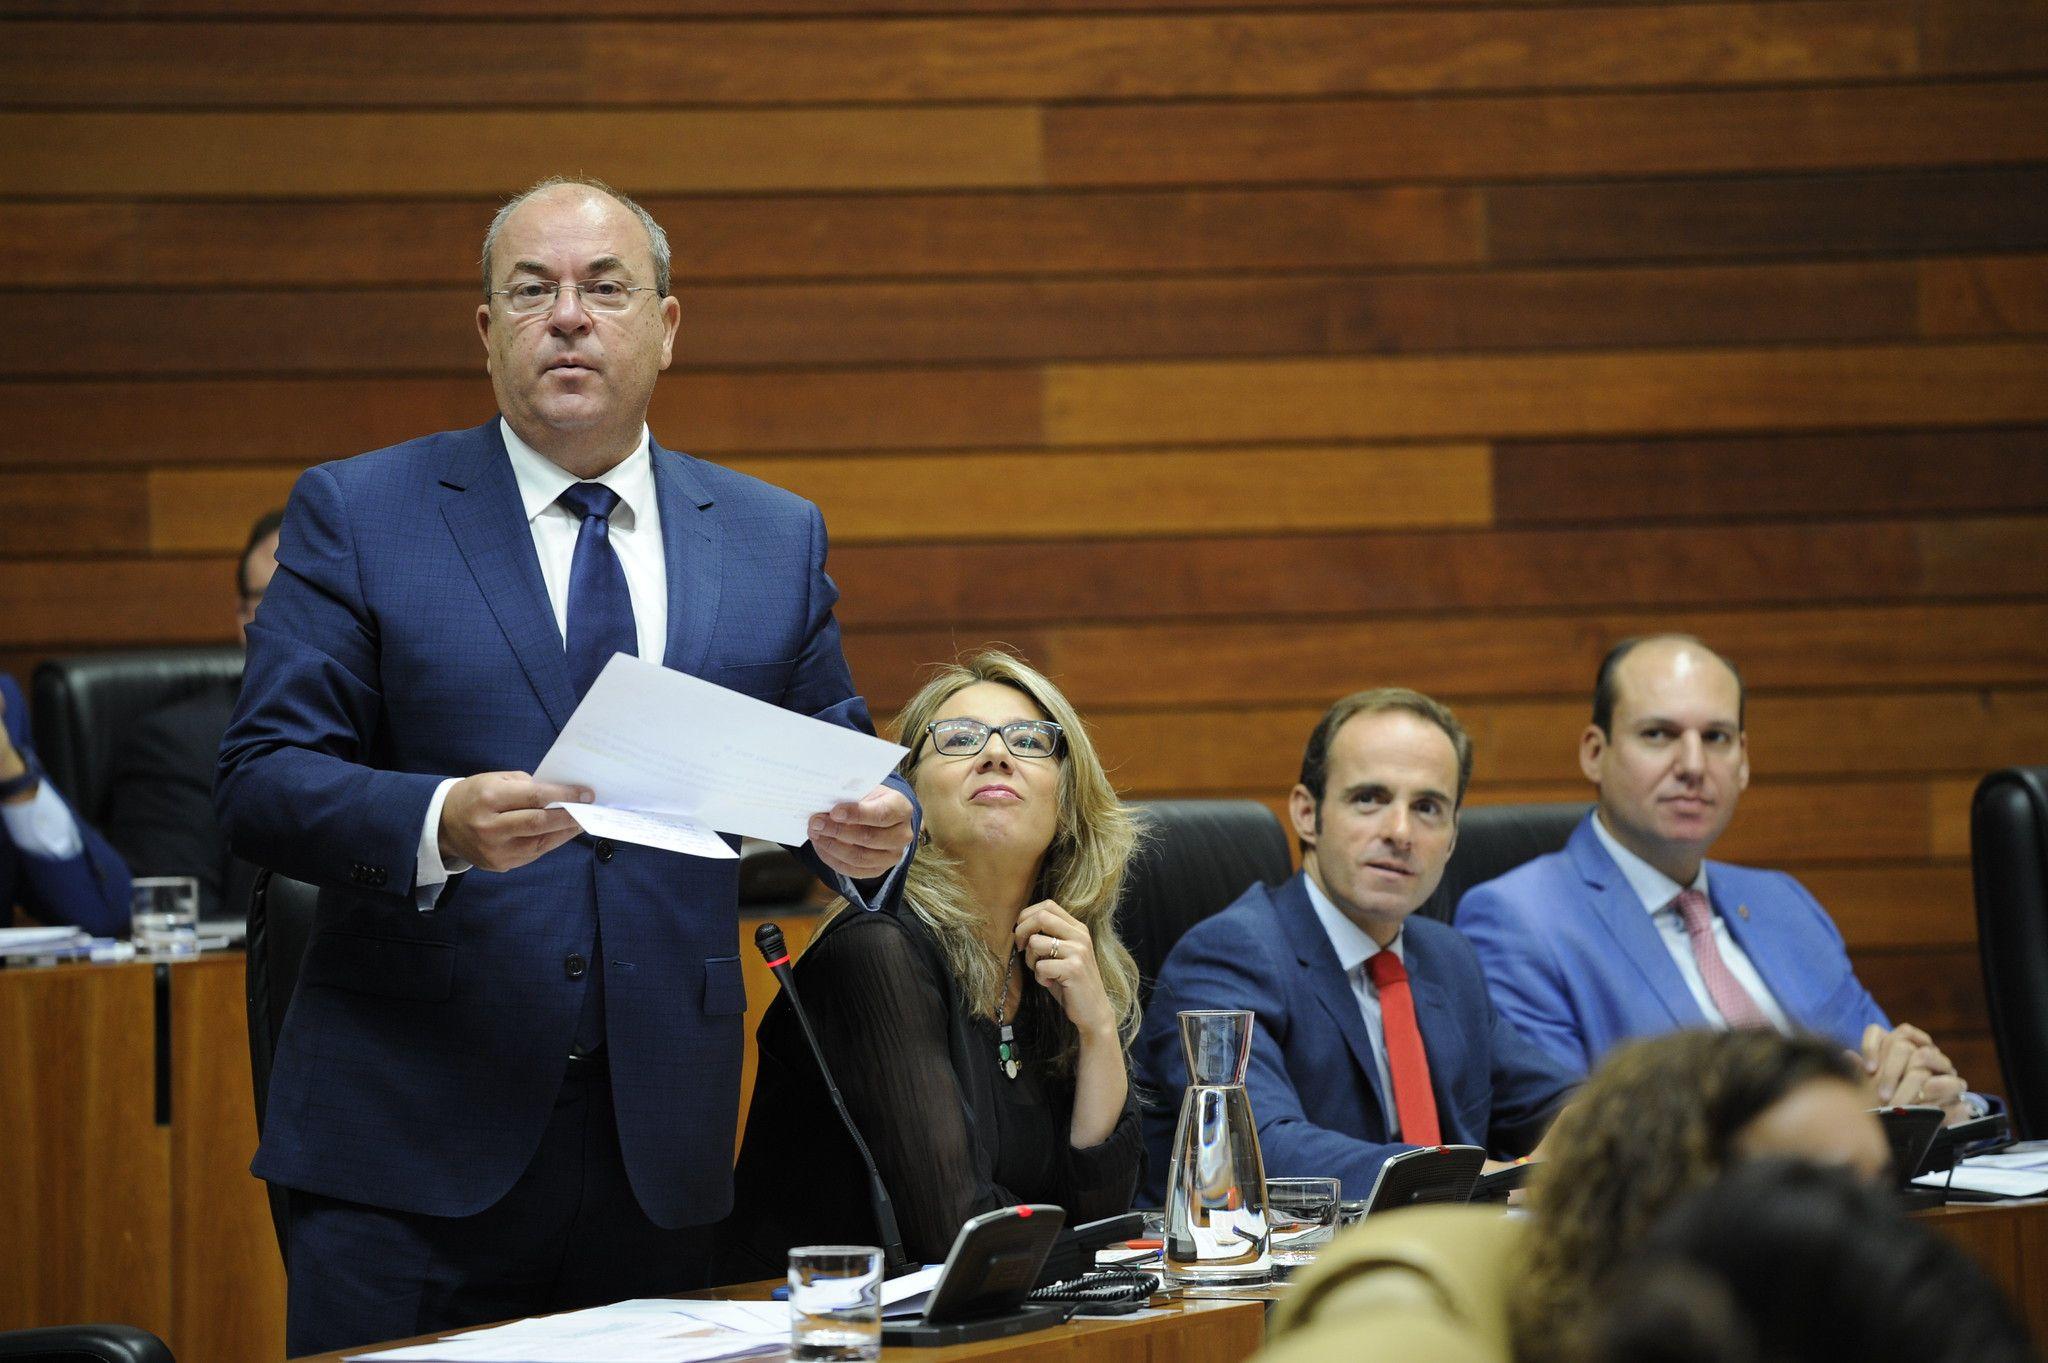 Según Monago, la Junta cierra el grifo y dejará pendiente de pago muchas de sus obligaciones.